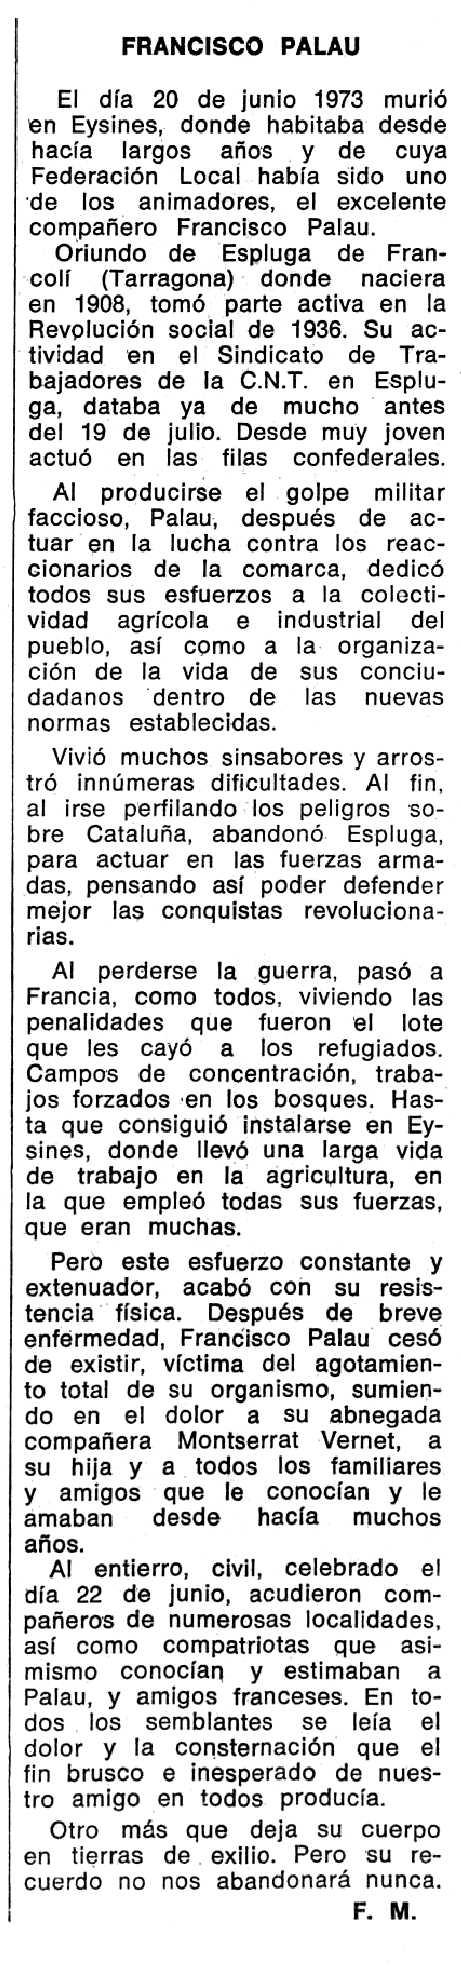 """Notícia necrològica de Francesc Palau Ramona apareguda en el periòdic tolosà """"Espoir"""" de l'11 de novembre de 1973"""